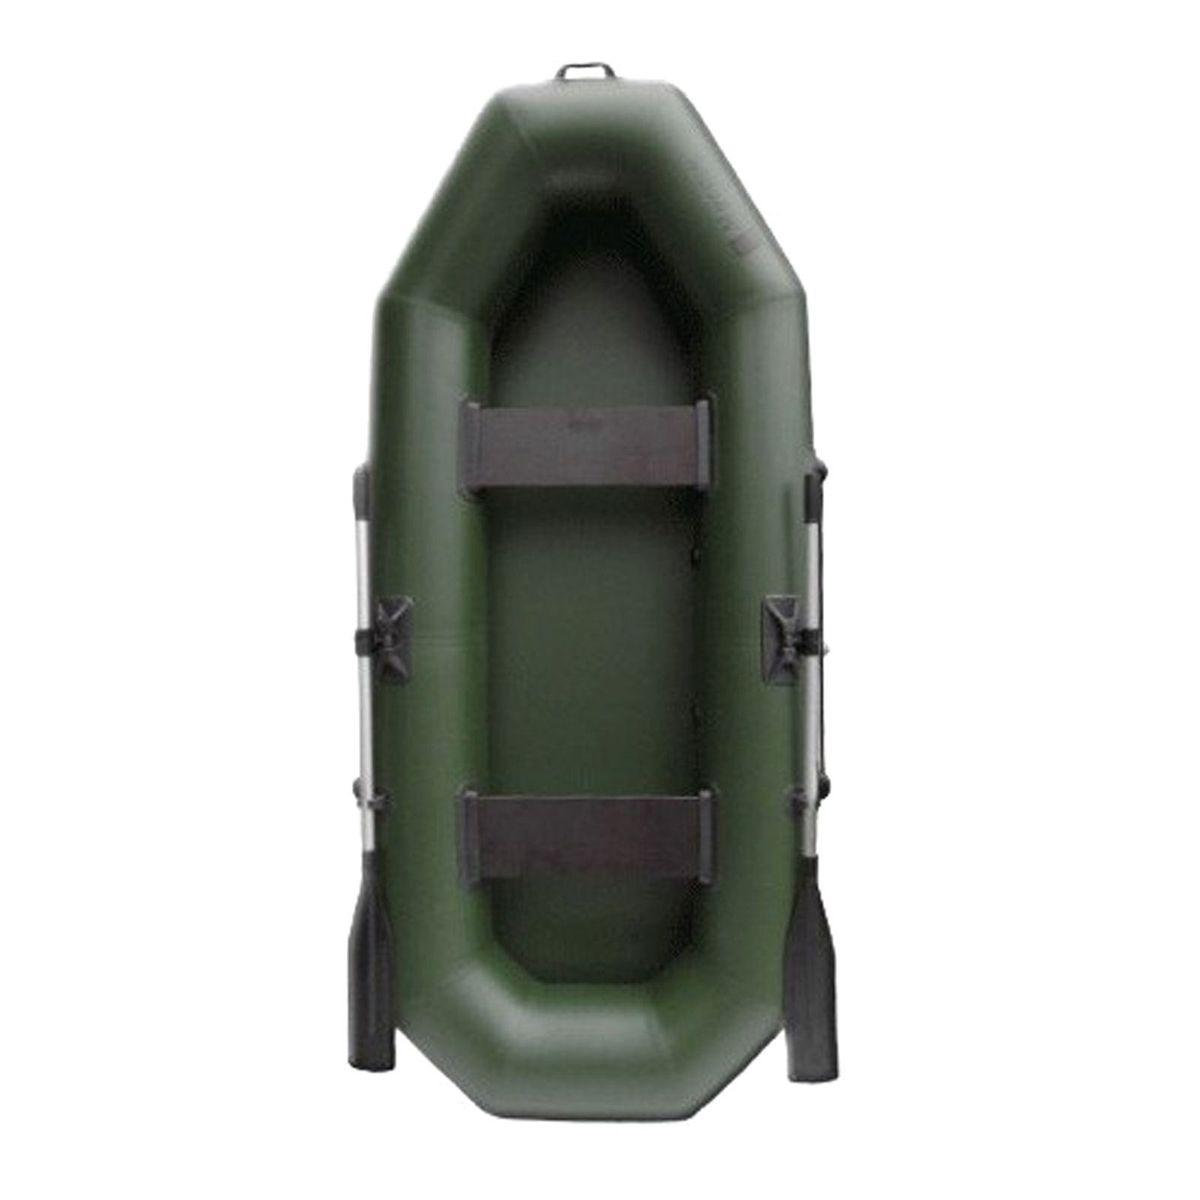 Лодка надувная Муссон S 262, цвет: зеленый885904«Муссон S 262» — гребная лодка, предназначенная для отдыха, охоты и рыбалки на воде. С ней вы сможете заняться любимым делом в любое время и любую погоду, широкий температурный диапазон даёт возможность эксплуатировать изделие с ранней весны до поздней осени. Вместительность лодки позволяет насладиться активным отдыхом двум людям сразу. Отправляйтесь на рыбалку с другом и разделите радость от улова вместе с ним.Современная модель «Муссон S 262» изготовлена из ПВХ, устойчивого к проколам, порезам и ультрафиолетовым лучам, благодаря чему увеличен срок эксплуатации. Расцветка позволяет быть незамеченным на фоне растительности, а значит, вы не спугнёте свою добычу. Данную модель можно хранить длительное время без каких-либо дополнительных обработок поверхности. В комплекте есть разборные вёсла, которые можно сложить и убрать. С поворотными уключинами на бортах и держателями для вёсел управлять лодкой стало ещё проще. Лодка в сложенном состоянии не займёт много места. Данная особенность позволит без труда поместить её в багажник автомобиля или переносить изделие на дальние расстояния.Наслаждайтесь любимым делом с товарами Сима-ленд.ХарактеристикиВместимость: 2 человека.Грузоподъёмность: 220 кг.Масса в комплекте: 14 кг.Количество отсеков: 2.Длина: 265 см.Ширина: 120 см .Диаметр баллона: 33 см.Плотность ткани: 750 г/м?.КомплектацияАлюминиевые вёсла: 2 шт.Сиденья: 2 шт.Поворотная уключина: 2 шт.Насос: 1 шт.Ремкомплект: 1 шт.Сумка упаковочная: 1 шт.